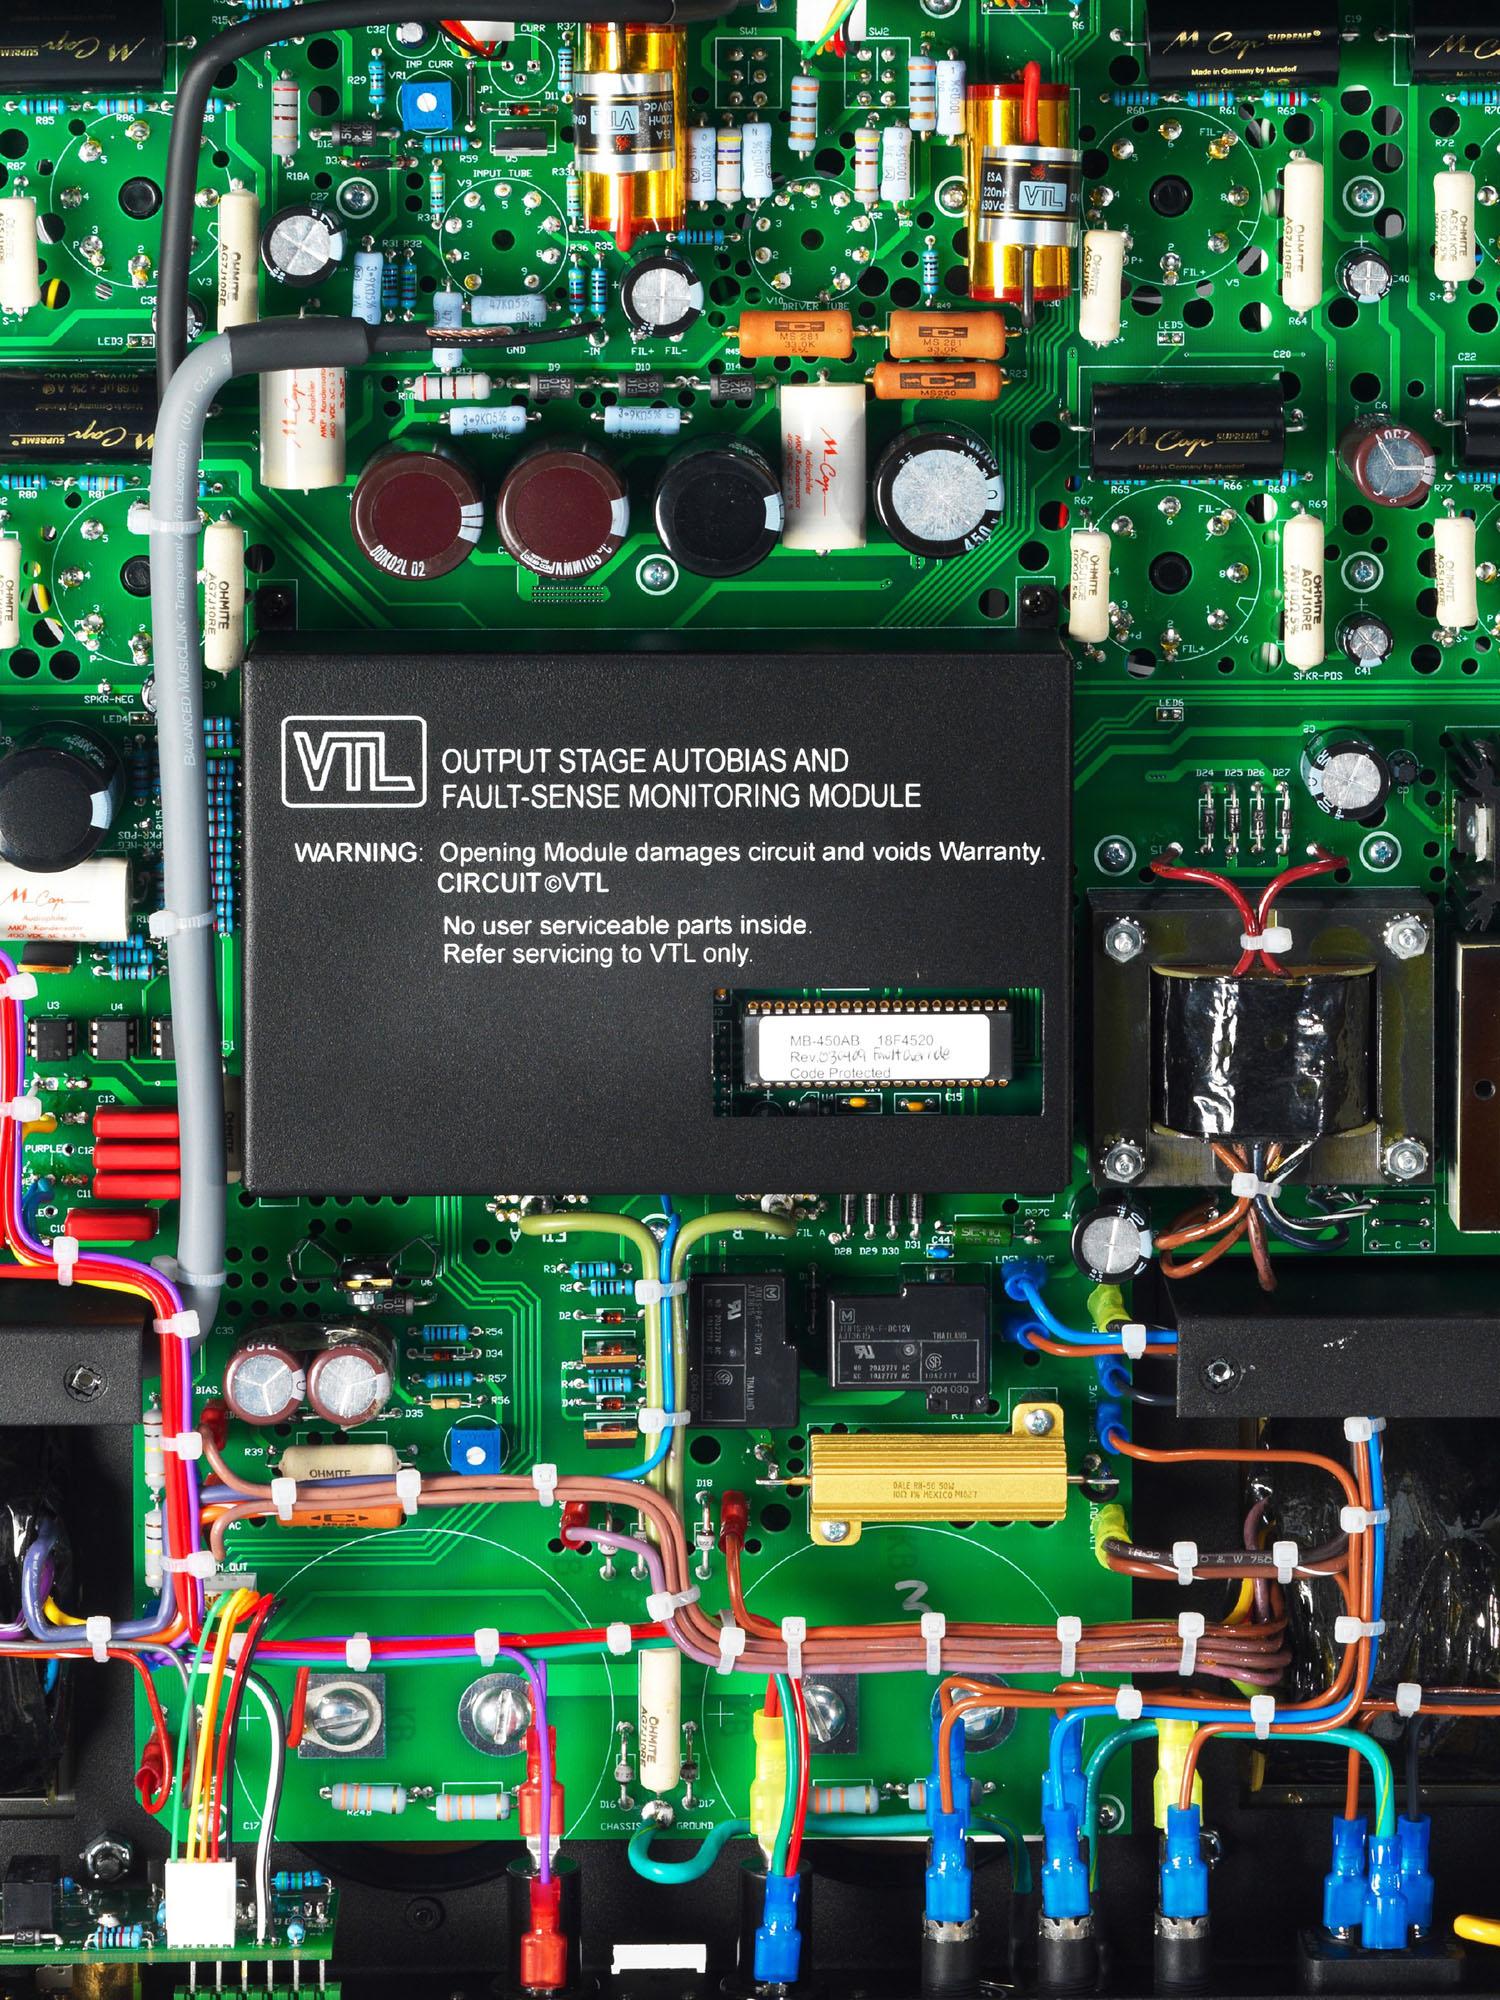 VTL MB-450 Monoblock Power Amplifier